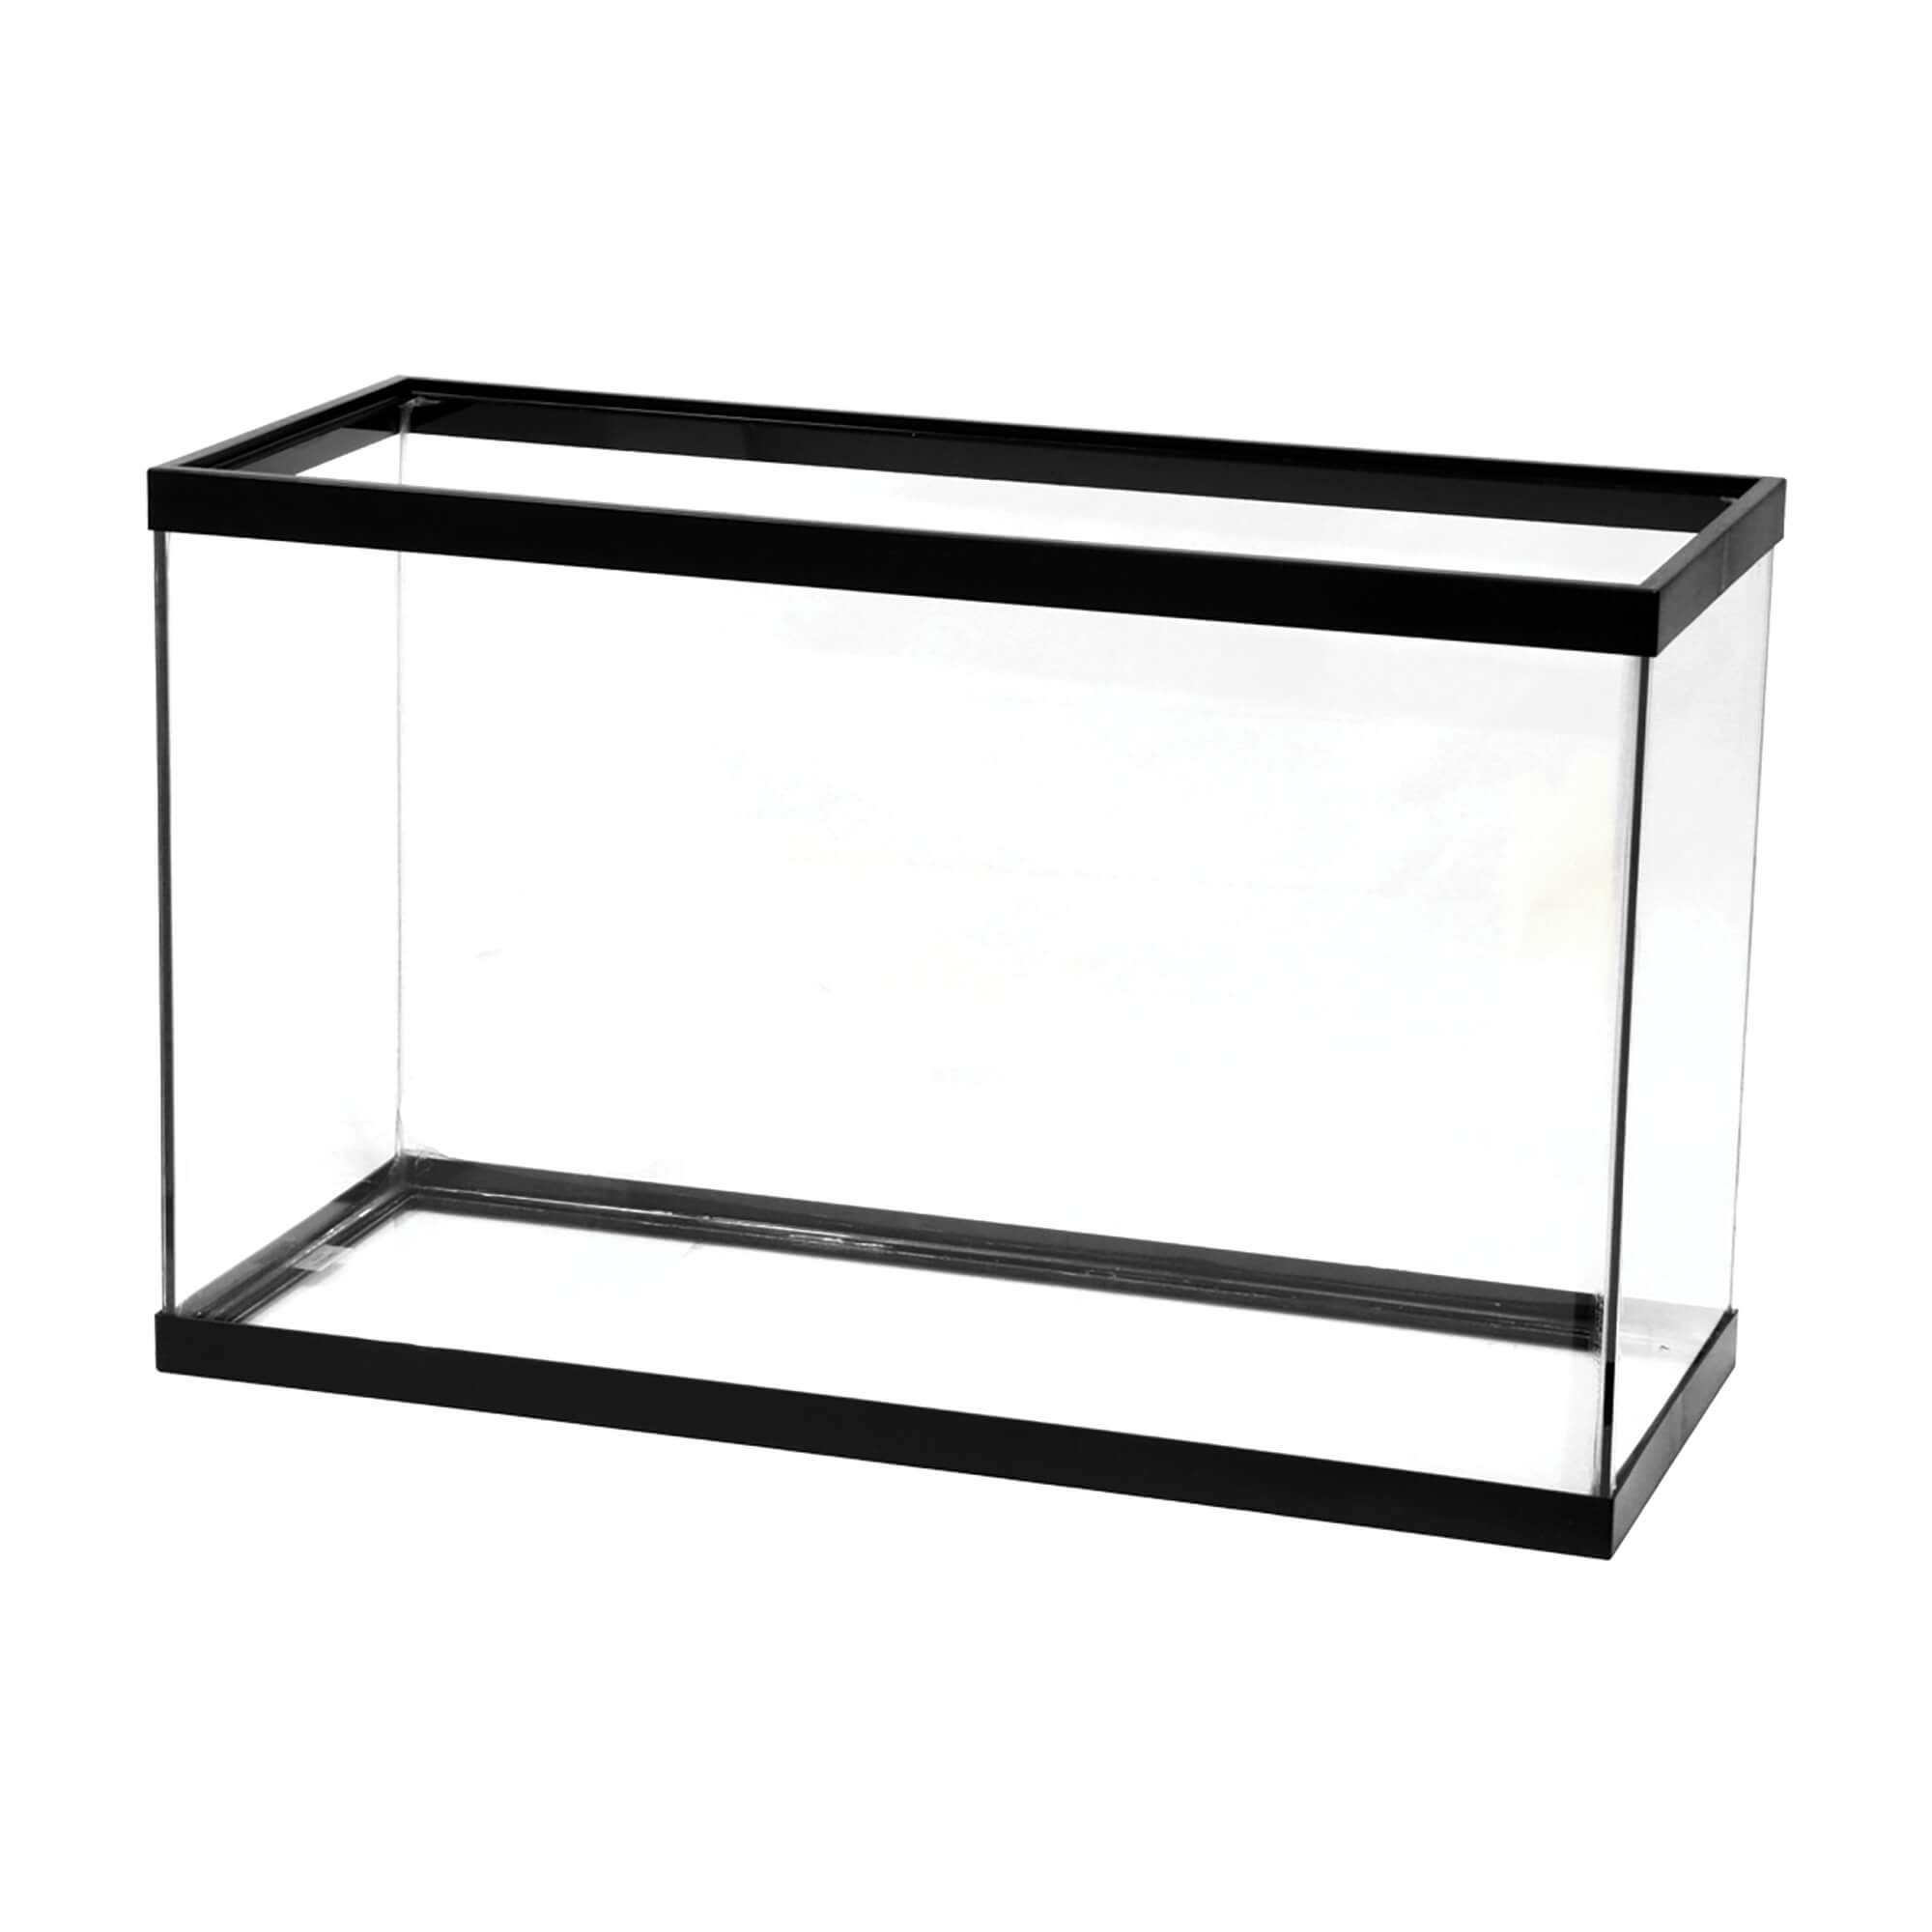 https://petco.scene7.com/is/image/PETCO/170941-center-1?$Cart-medium$